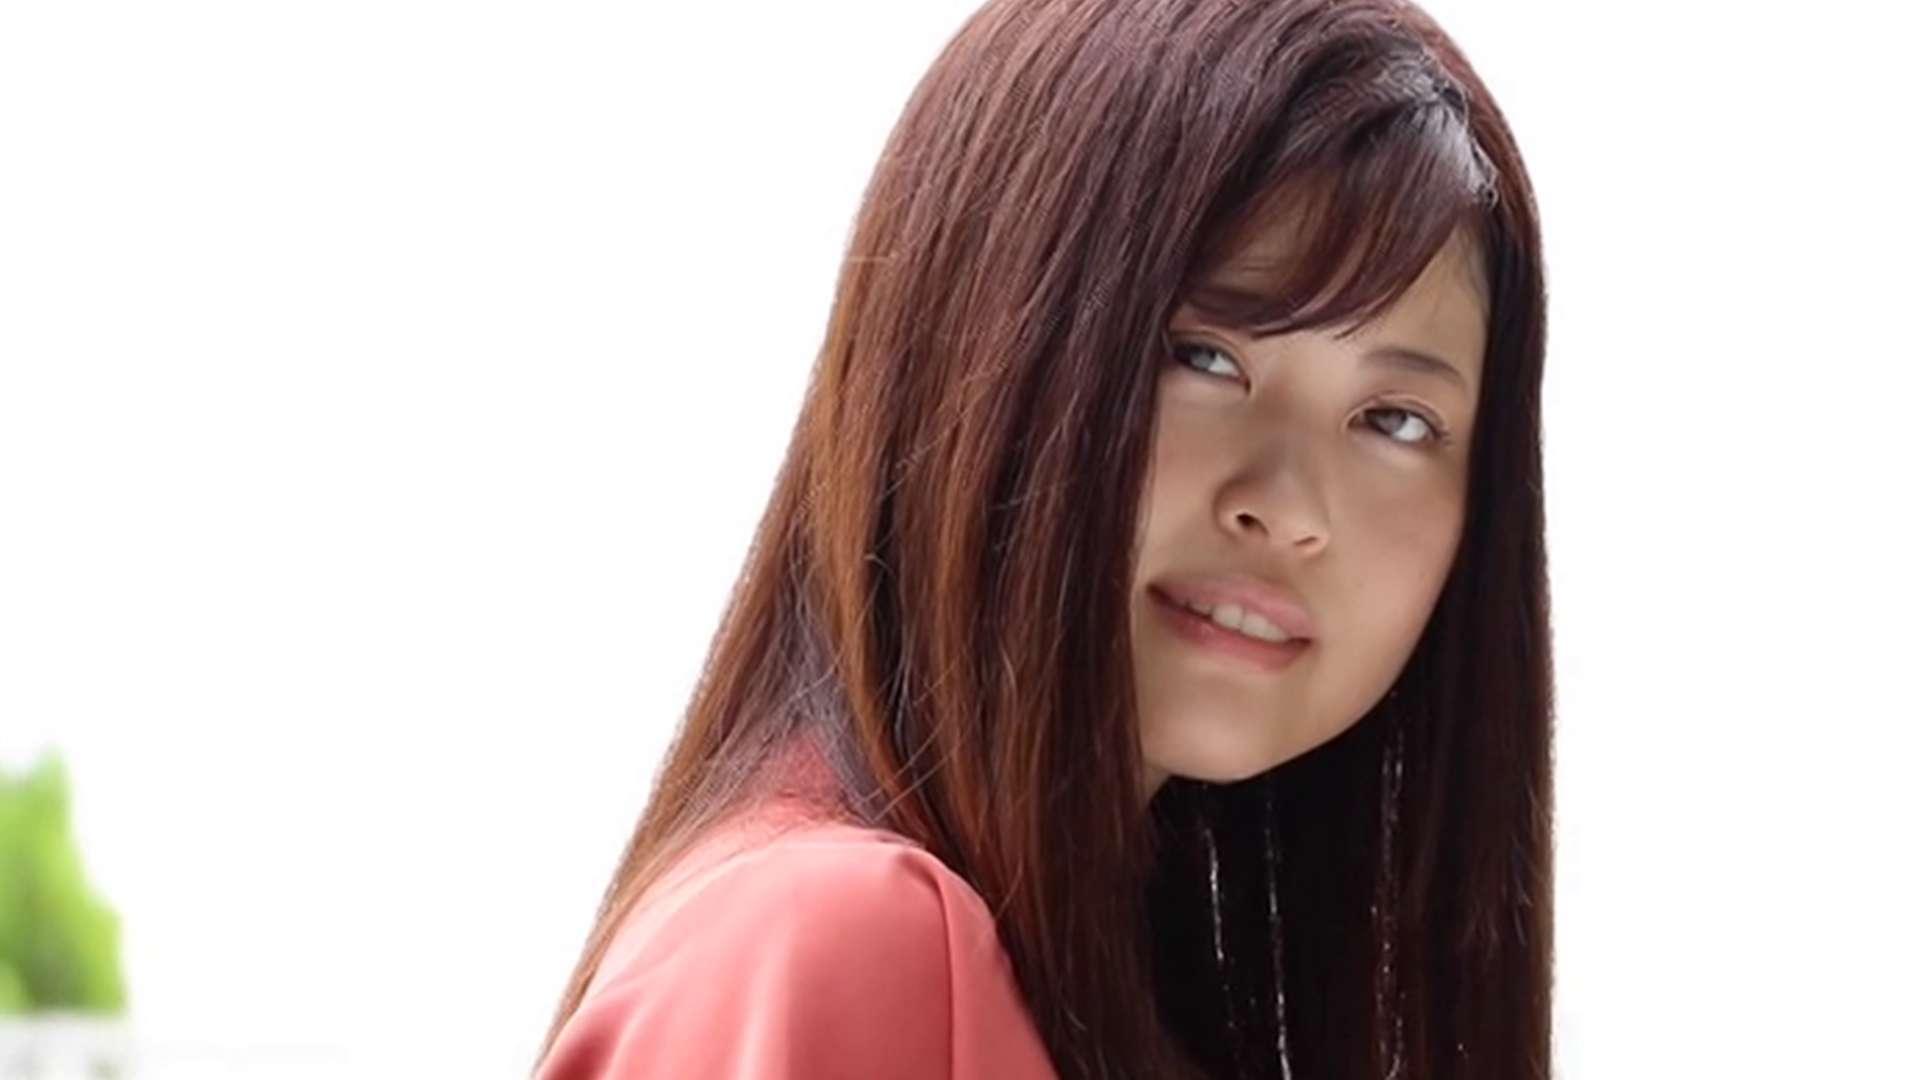 太田さえこ『私のこと・・おヘンタイだと思われましたか・・?』